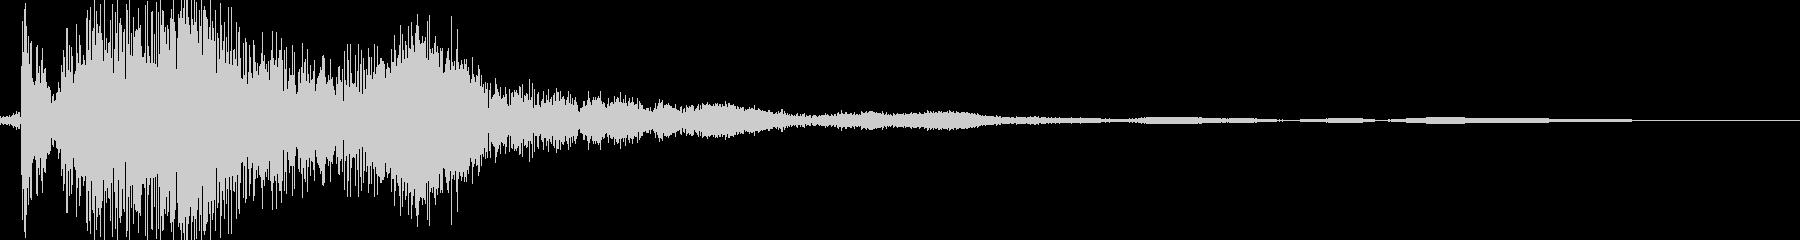 パンッ(衝撃音)の未再生の波形